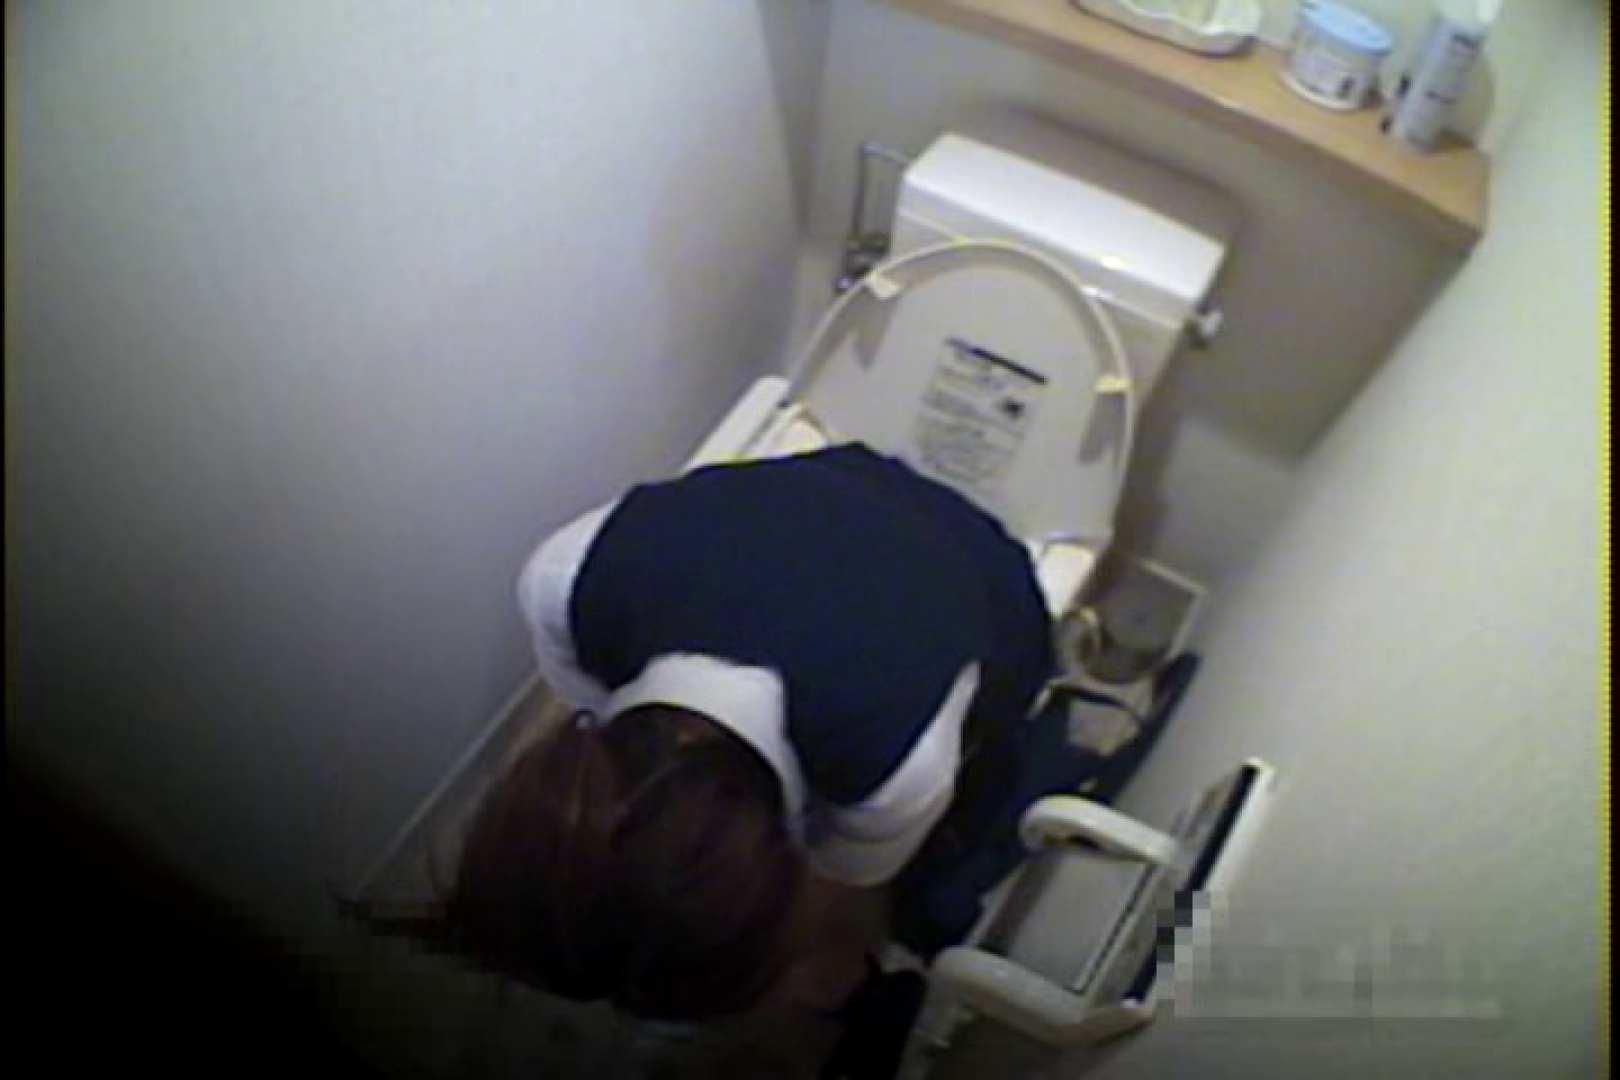 ギリギリアウトな嬢達Vol.8 洗面所はめどり オマンコ無修正動画無料 99画像 98